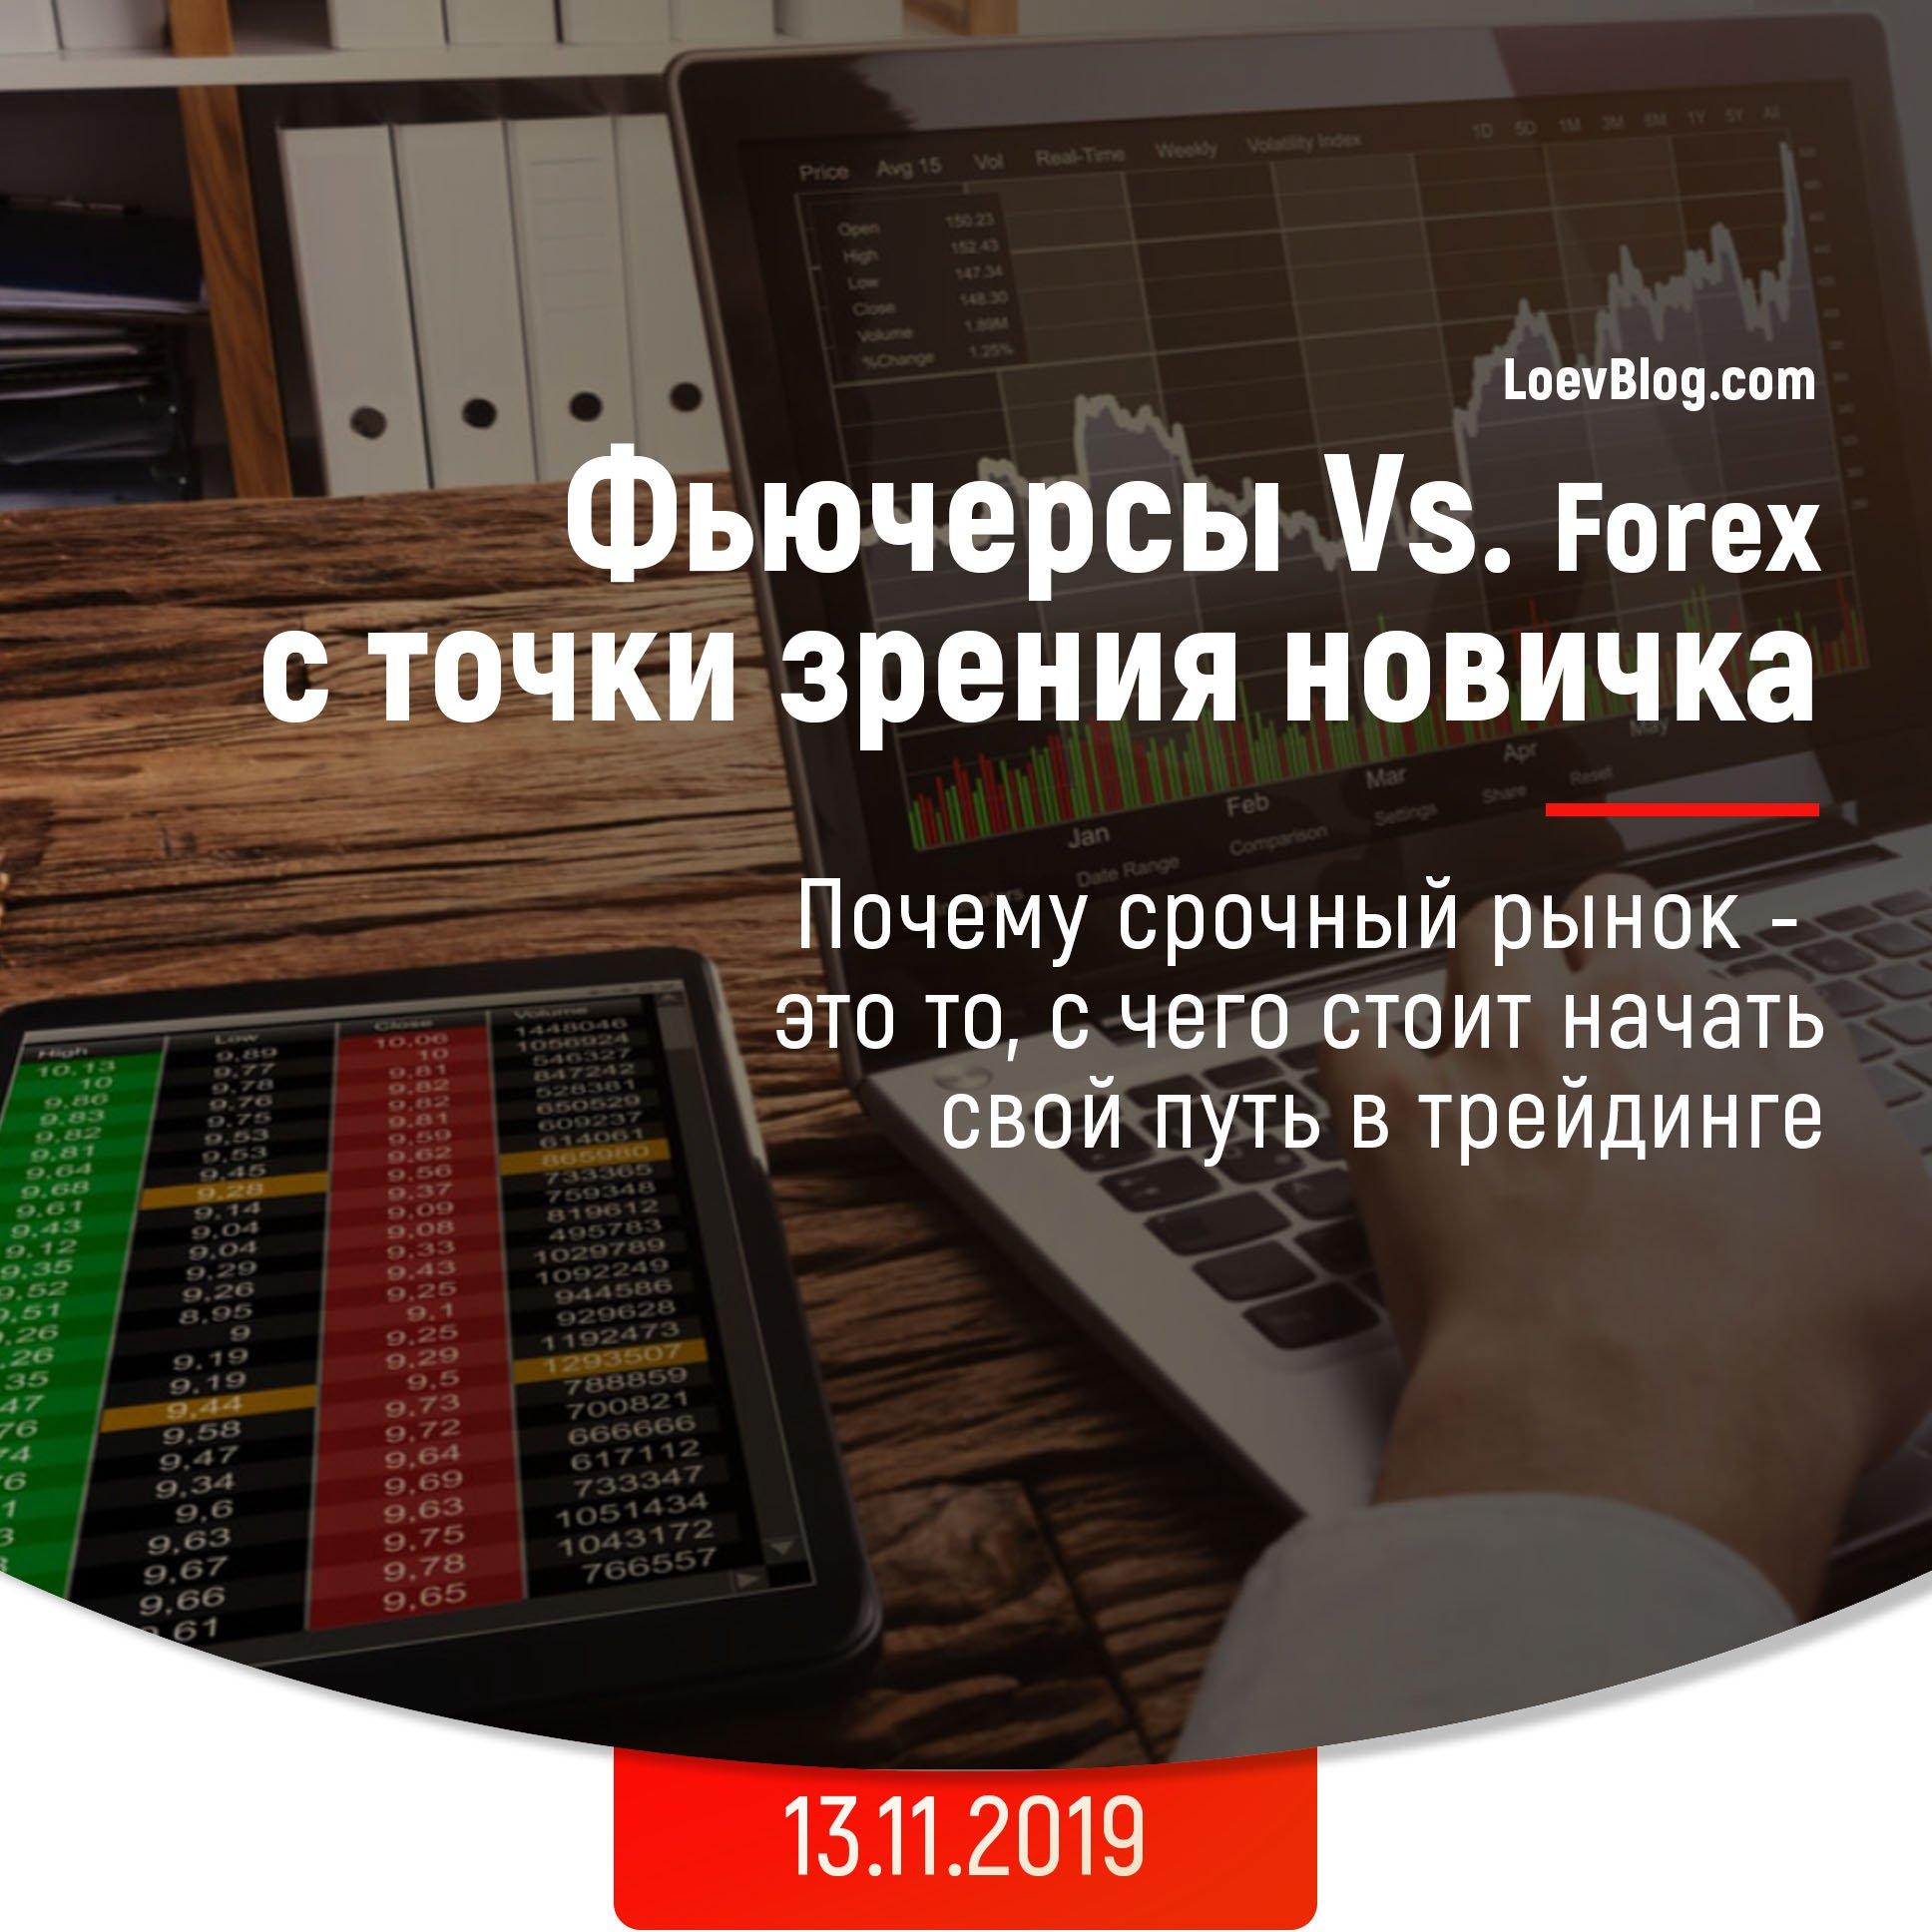 Фьючерсы vs. Forex 5